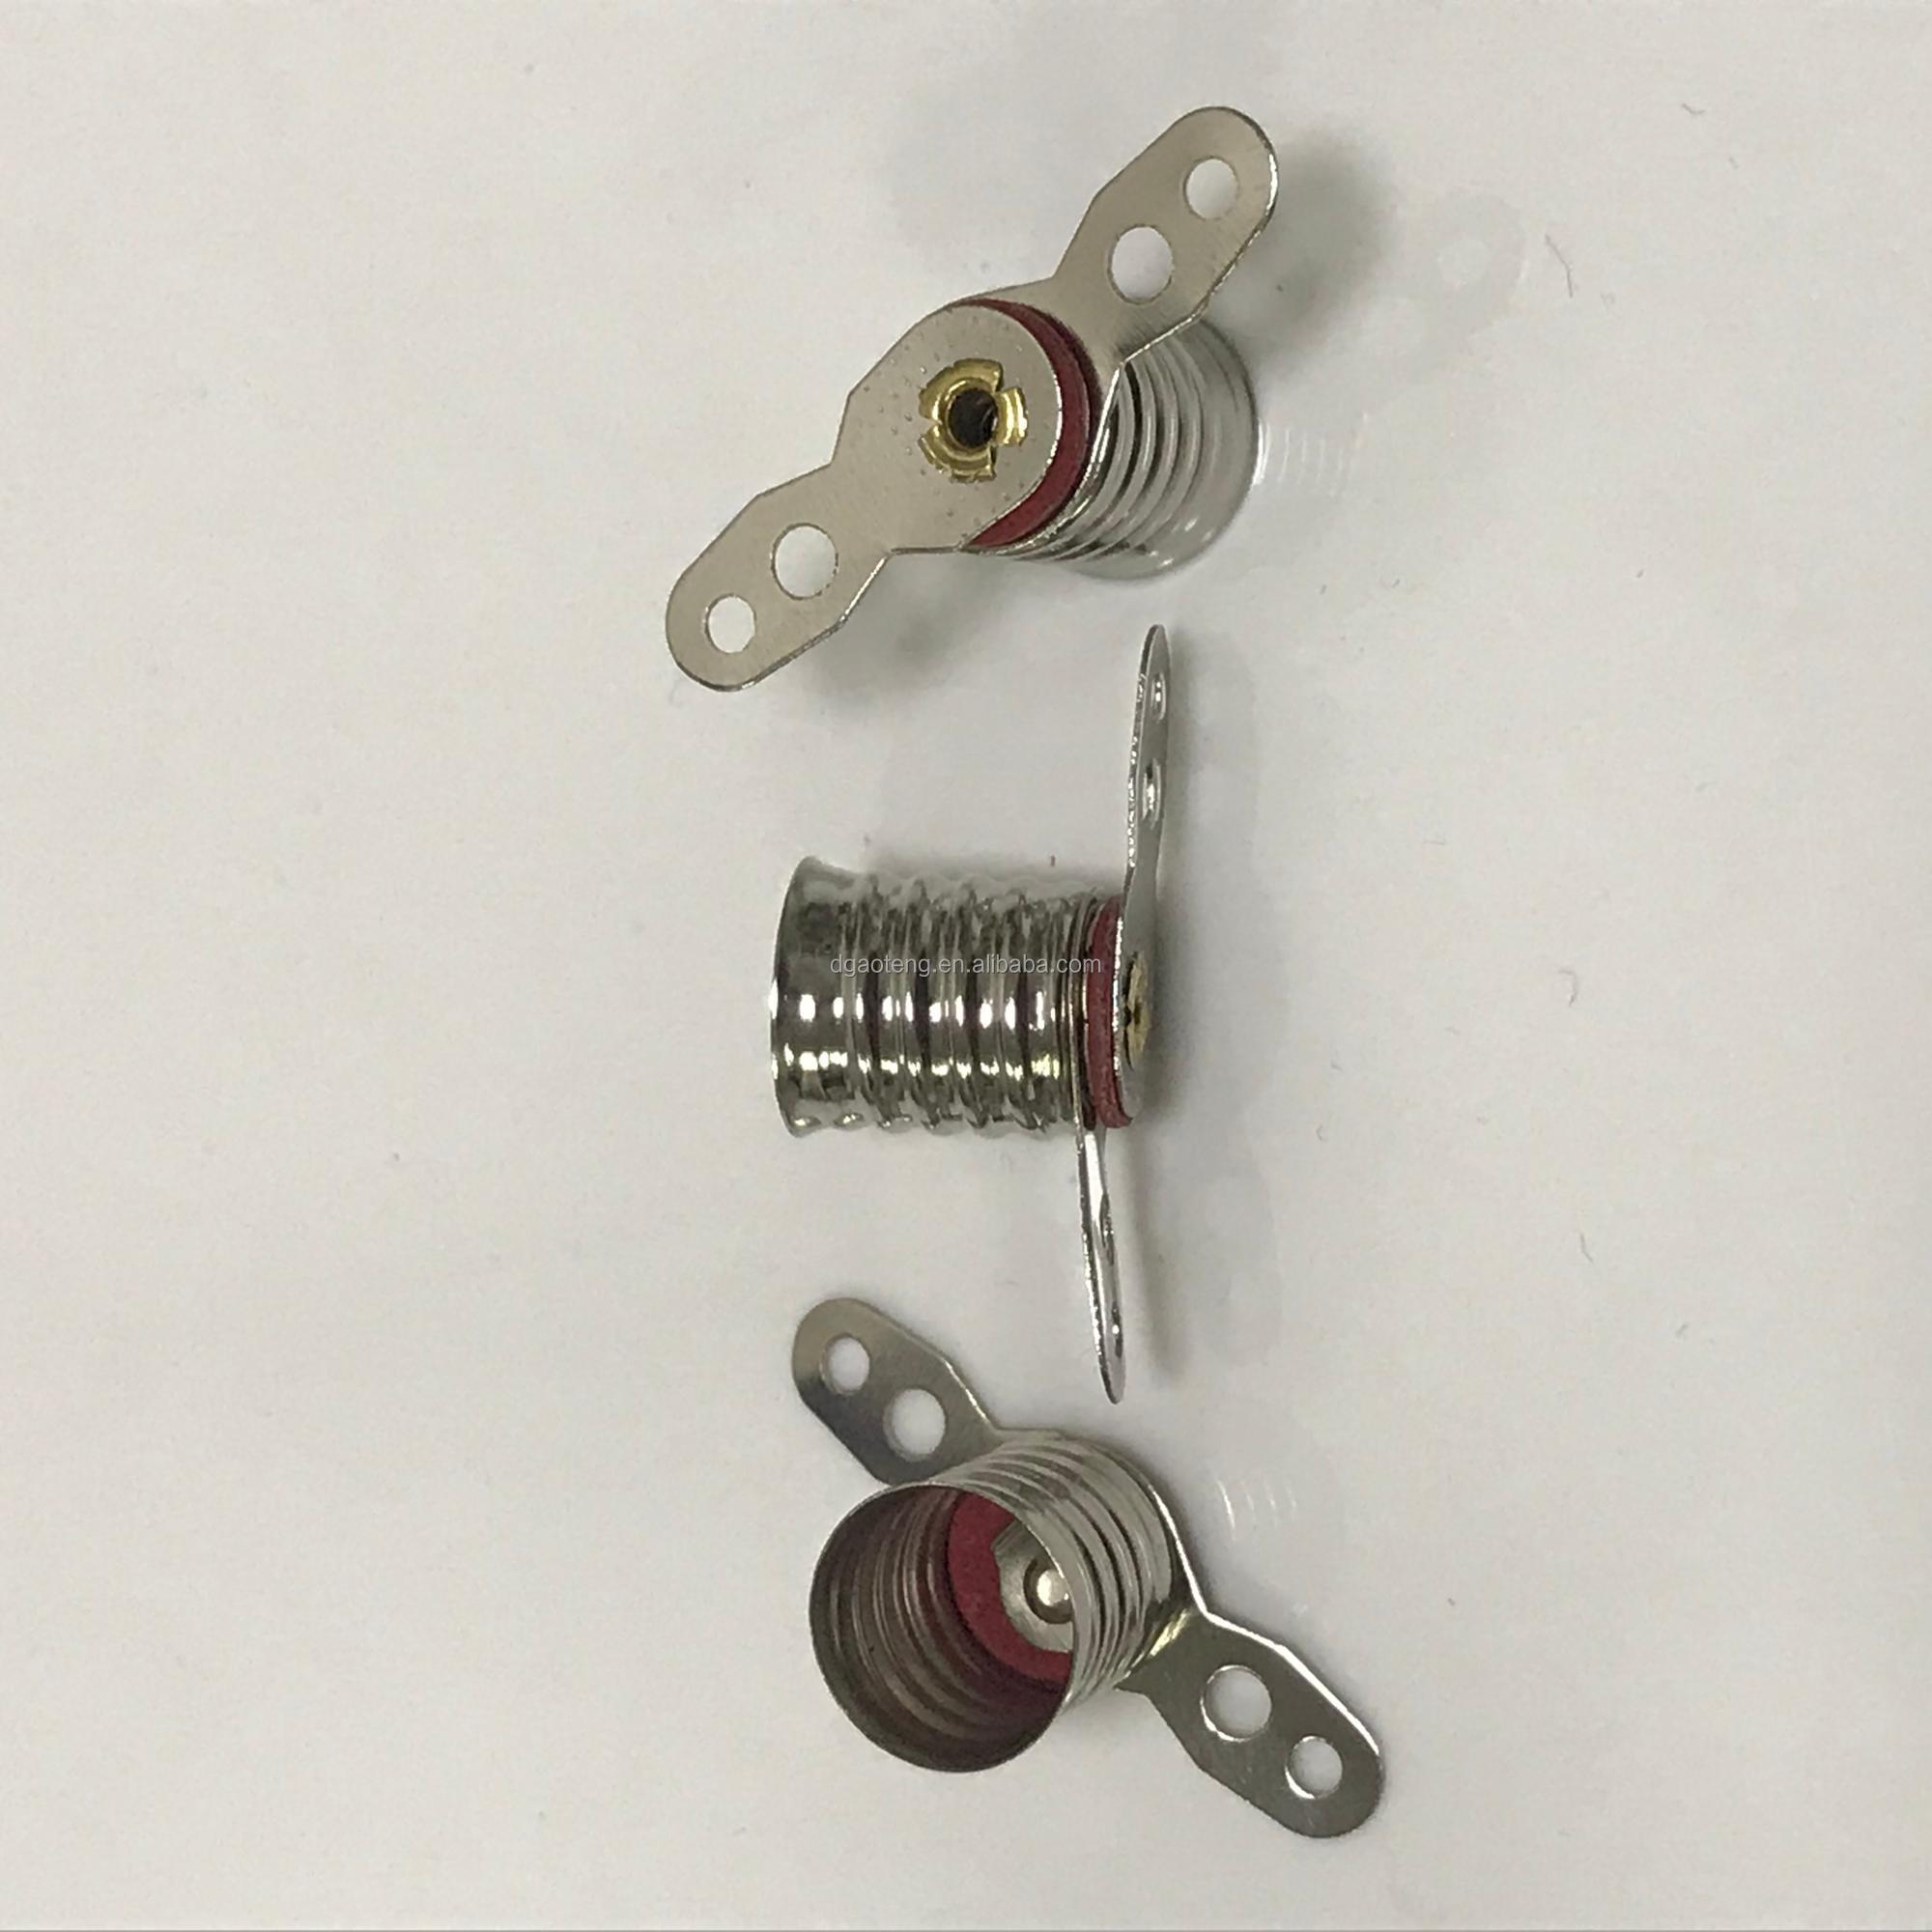 Juego de 2 cepillos Principales de Repuesto para aspiradora Rob/ótica Ecovacs Deebot 900 901 M80 Pro M81 M85 M88 R95 R96 R98 SeaStart